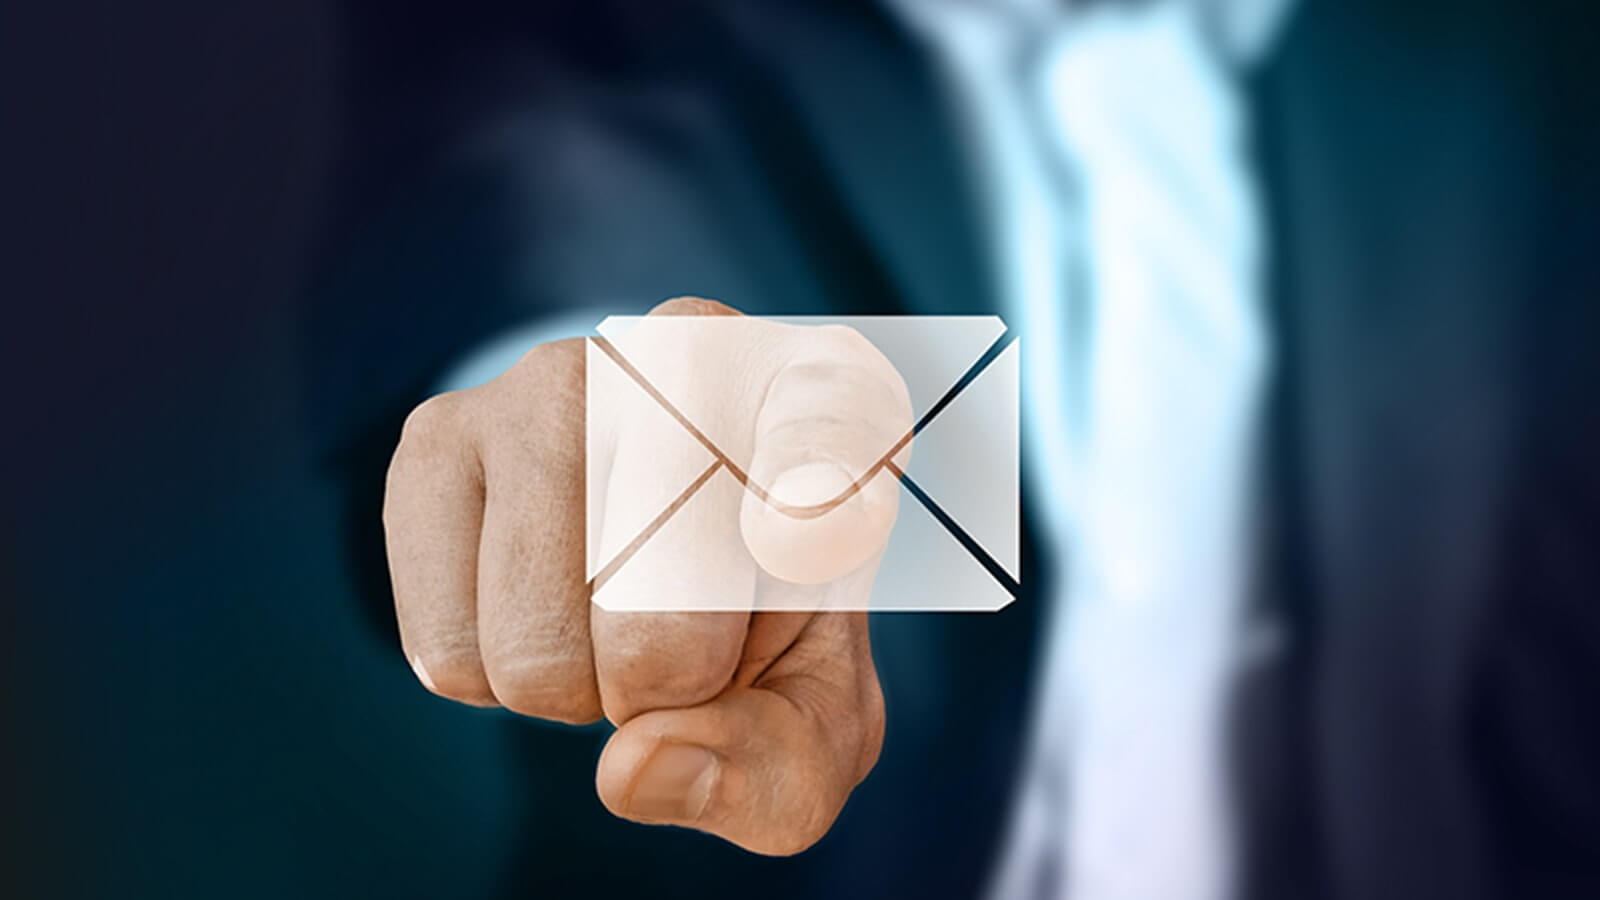 iPhone【迷惑メール】対策|これで迷惑メールを撃退!